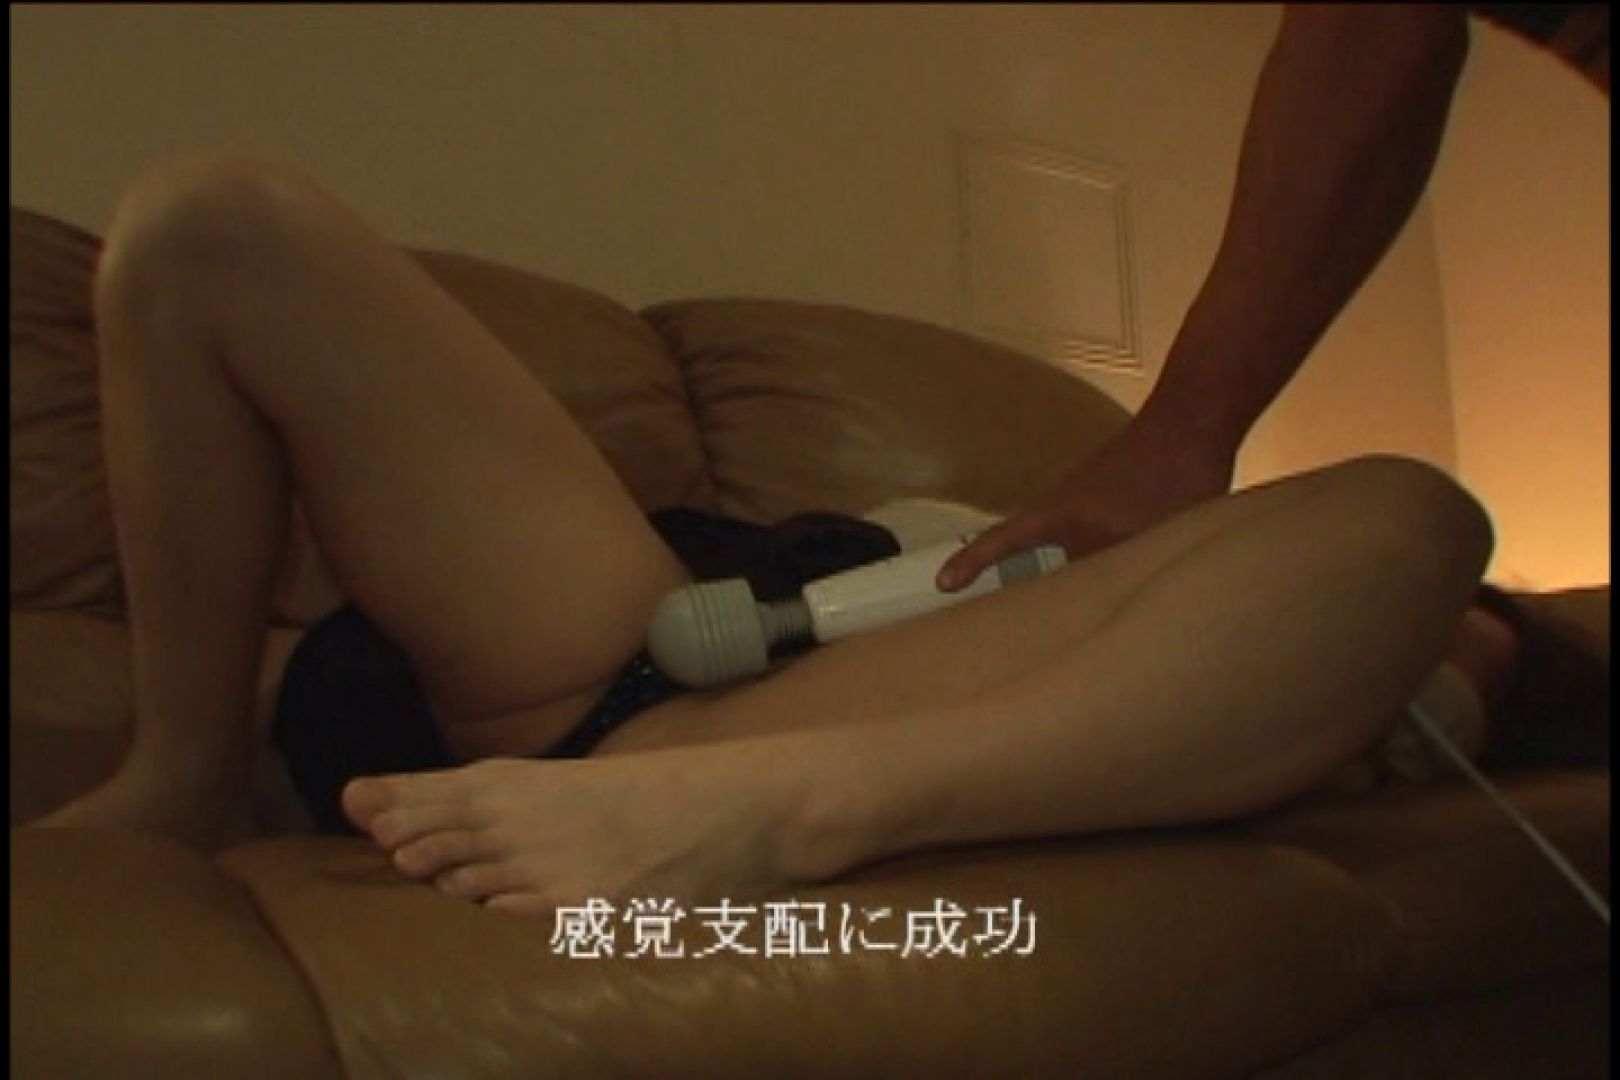 ナマナカトランス vol.07 中出し おまんこ無修正動画無料 68画像 56